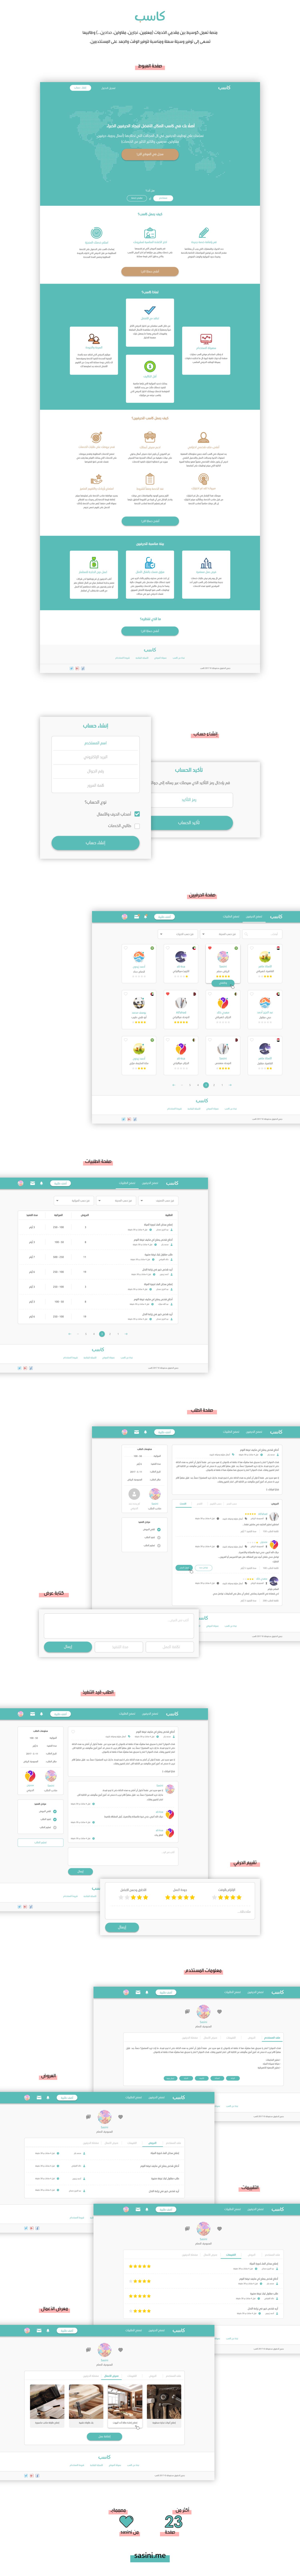 تصميم صفحة هبوط وواجهة موقع كاسب